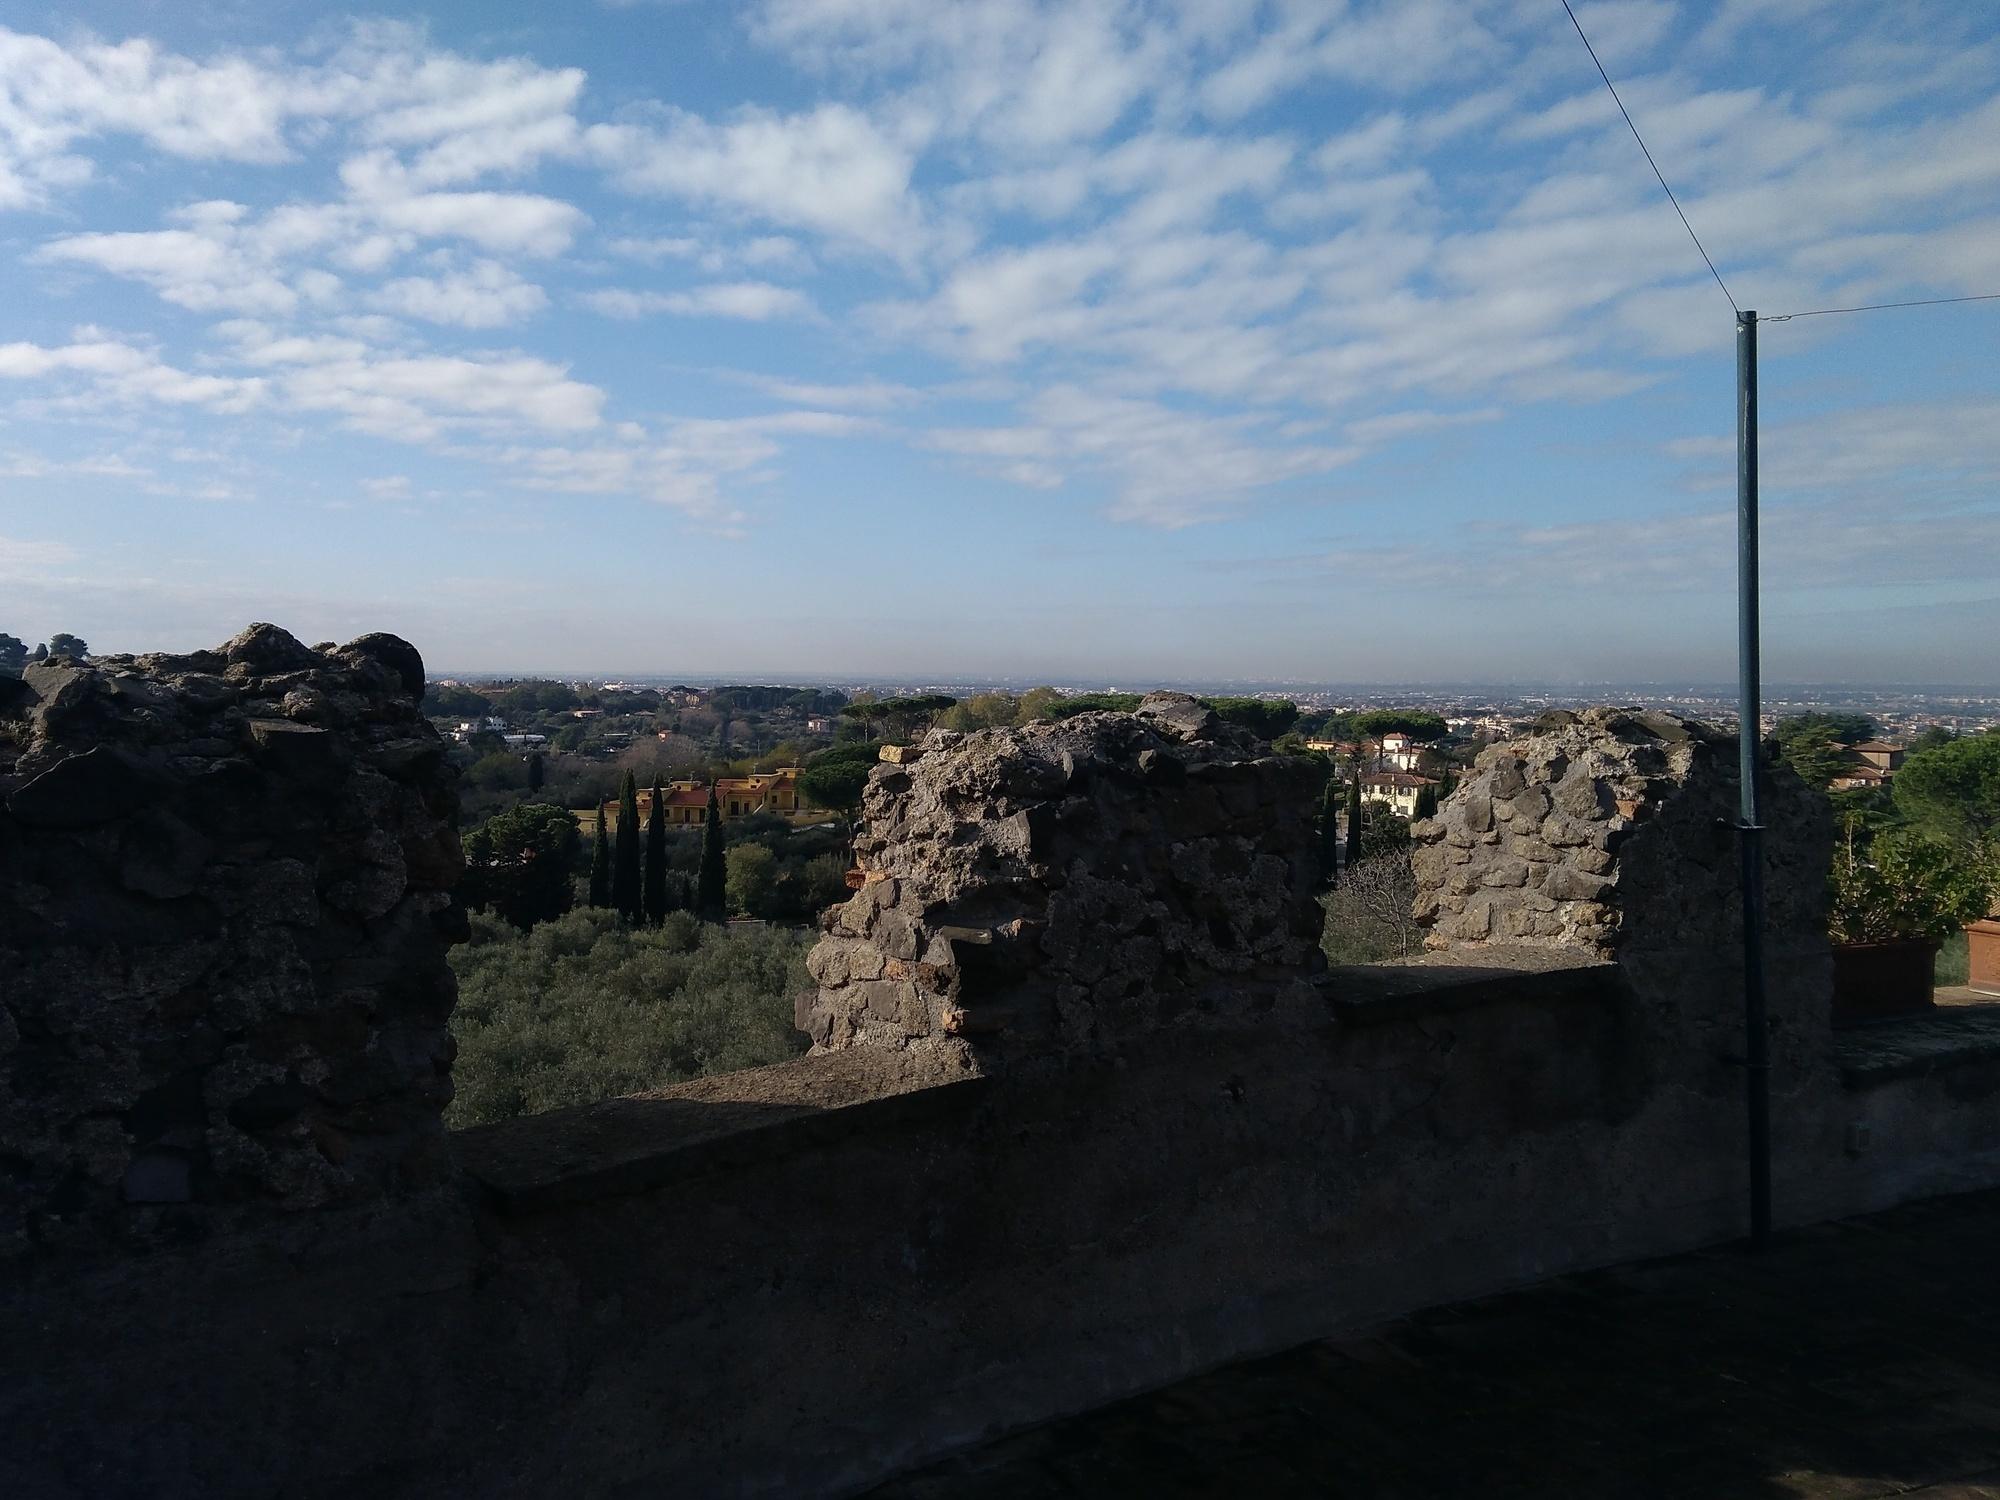 Продается роскошная историческая виллa в Фраскати, Италия - Фото 8